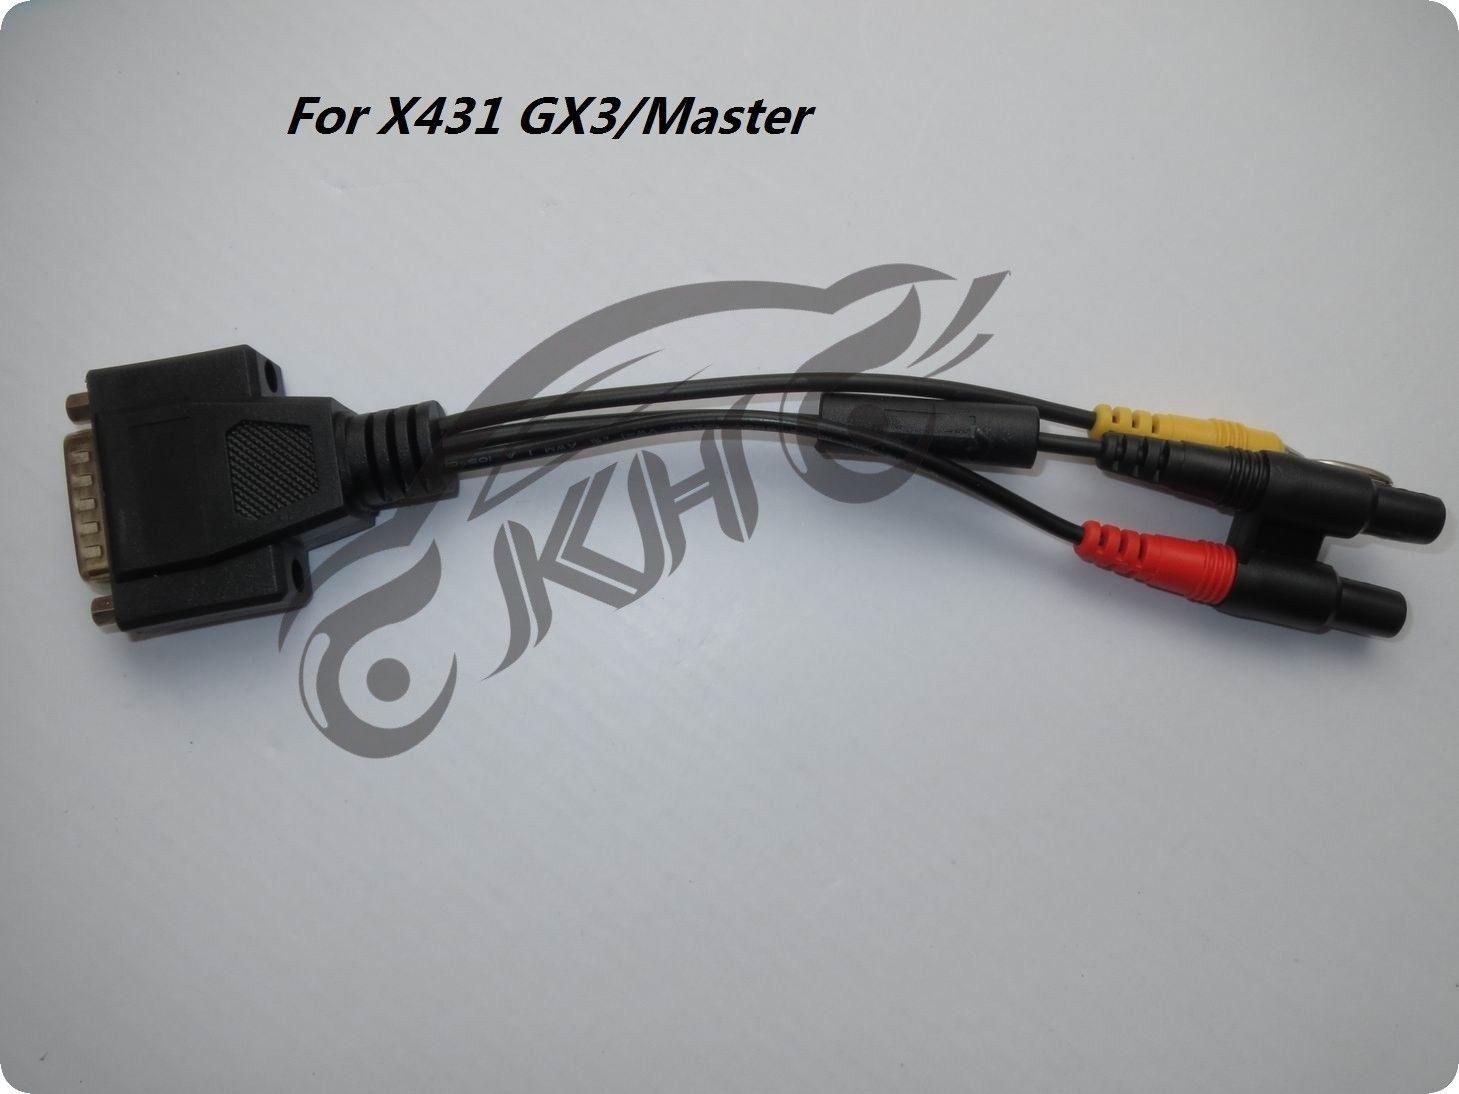 100 ٪ الأصلي لإطلاق X431 UNIVERSAL -3 موصل UNIVERSAL-3 ل GX3 ماستر